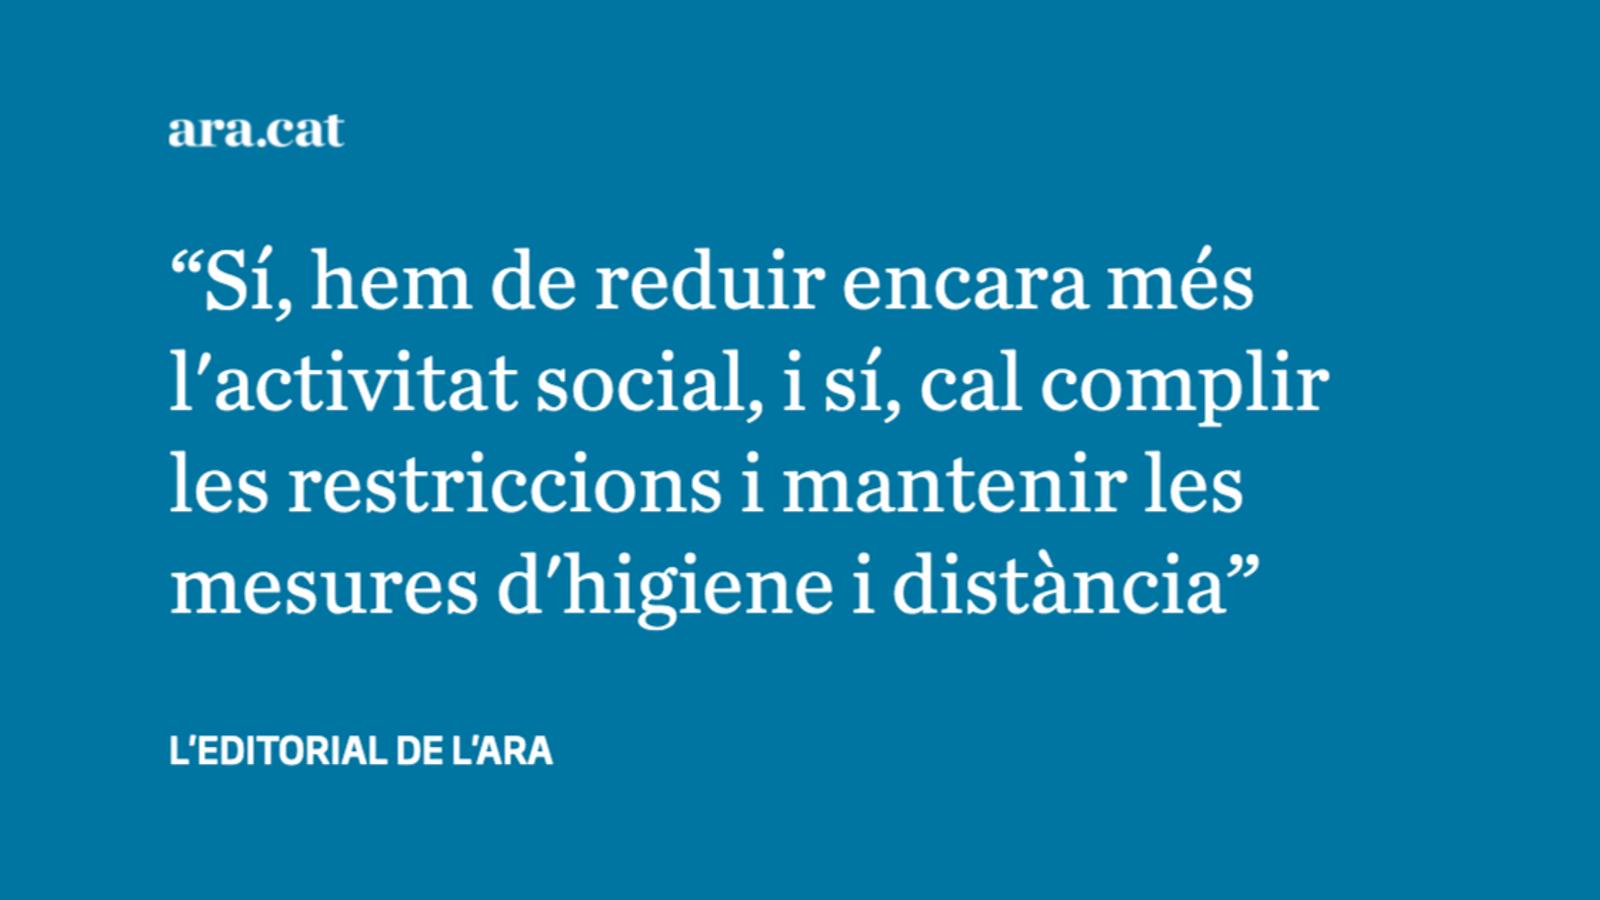 Les restriccions s'estenen amb l'objectiu d'evitar confinaments totals